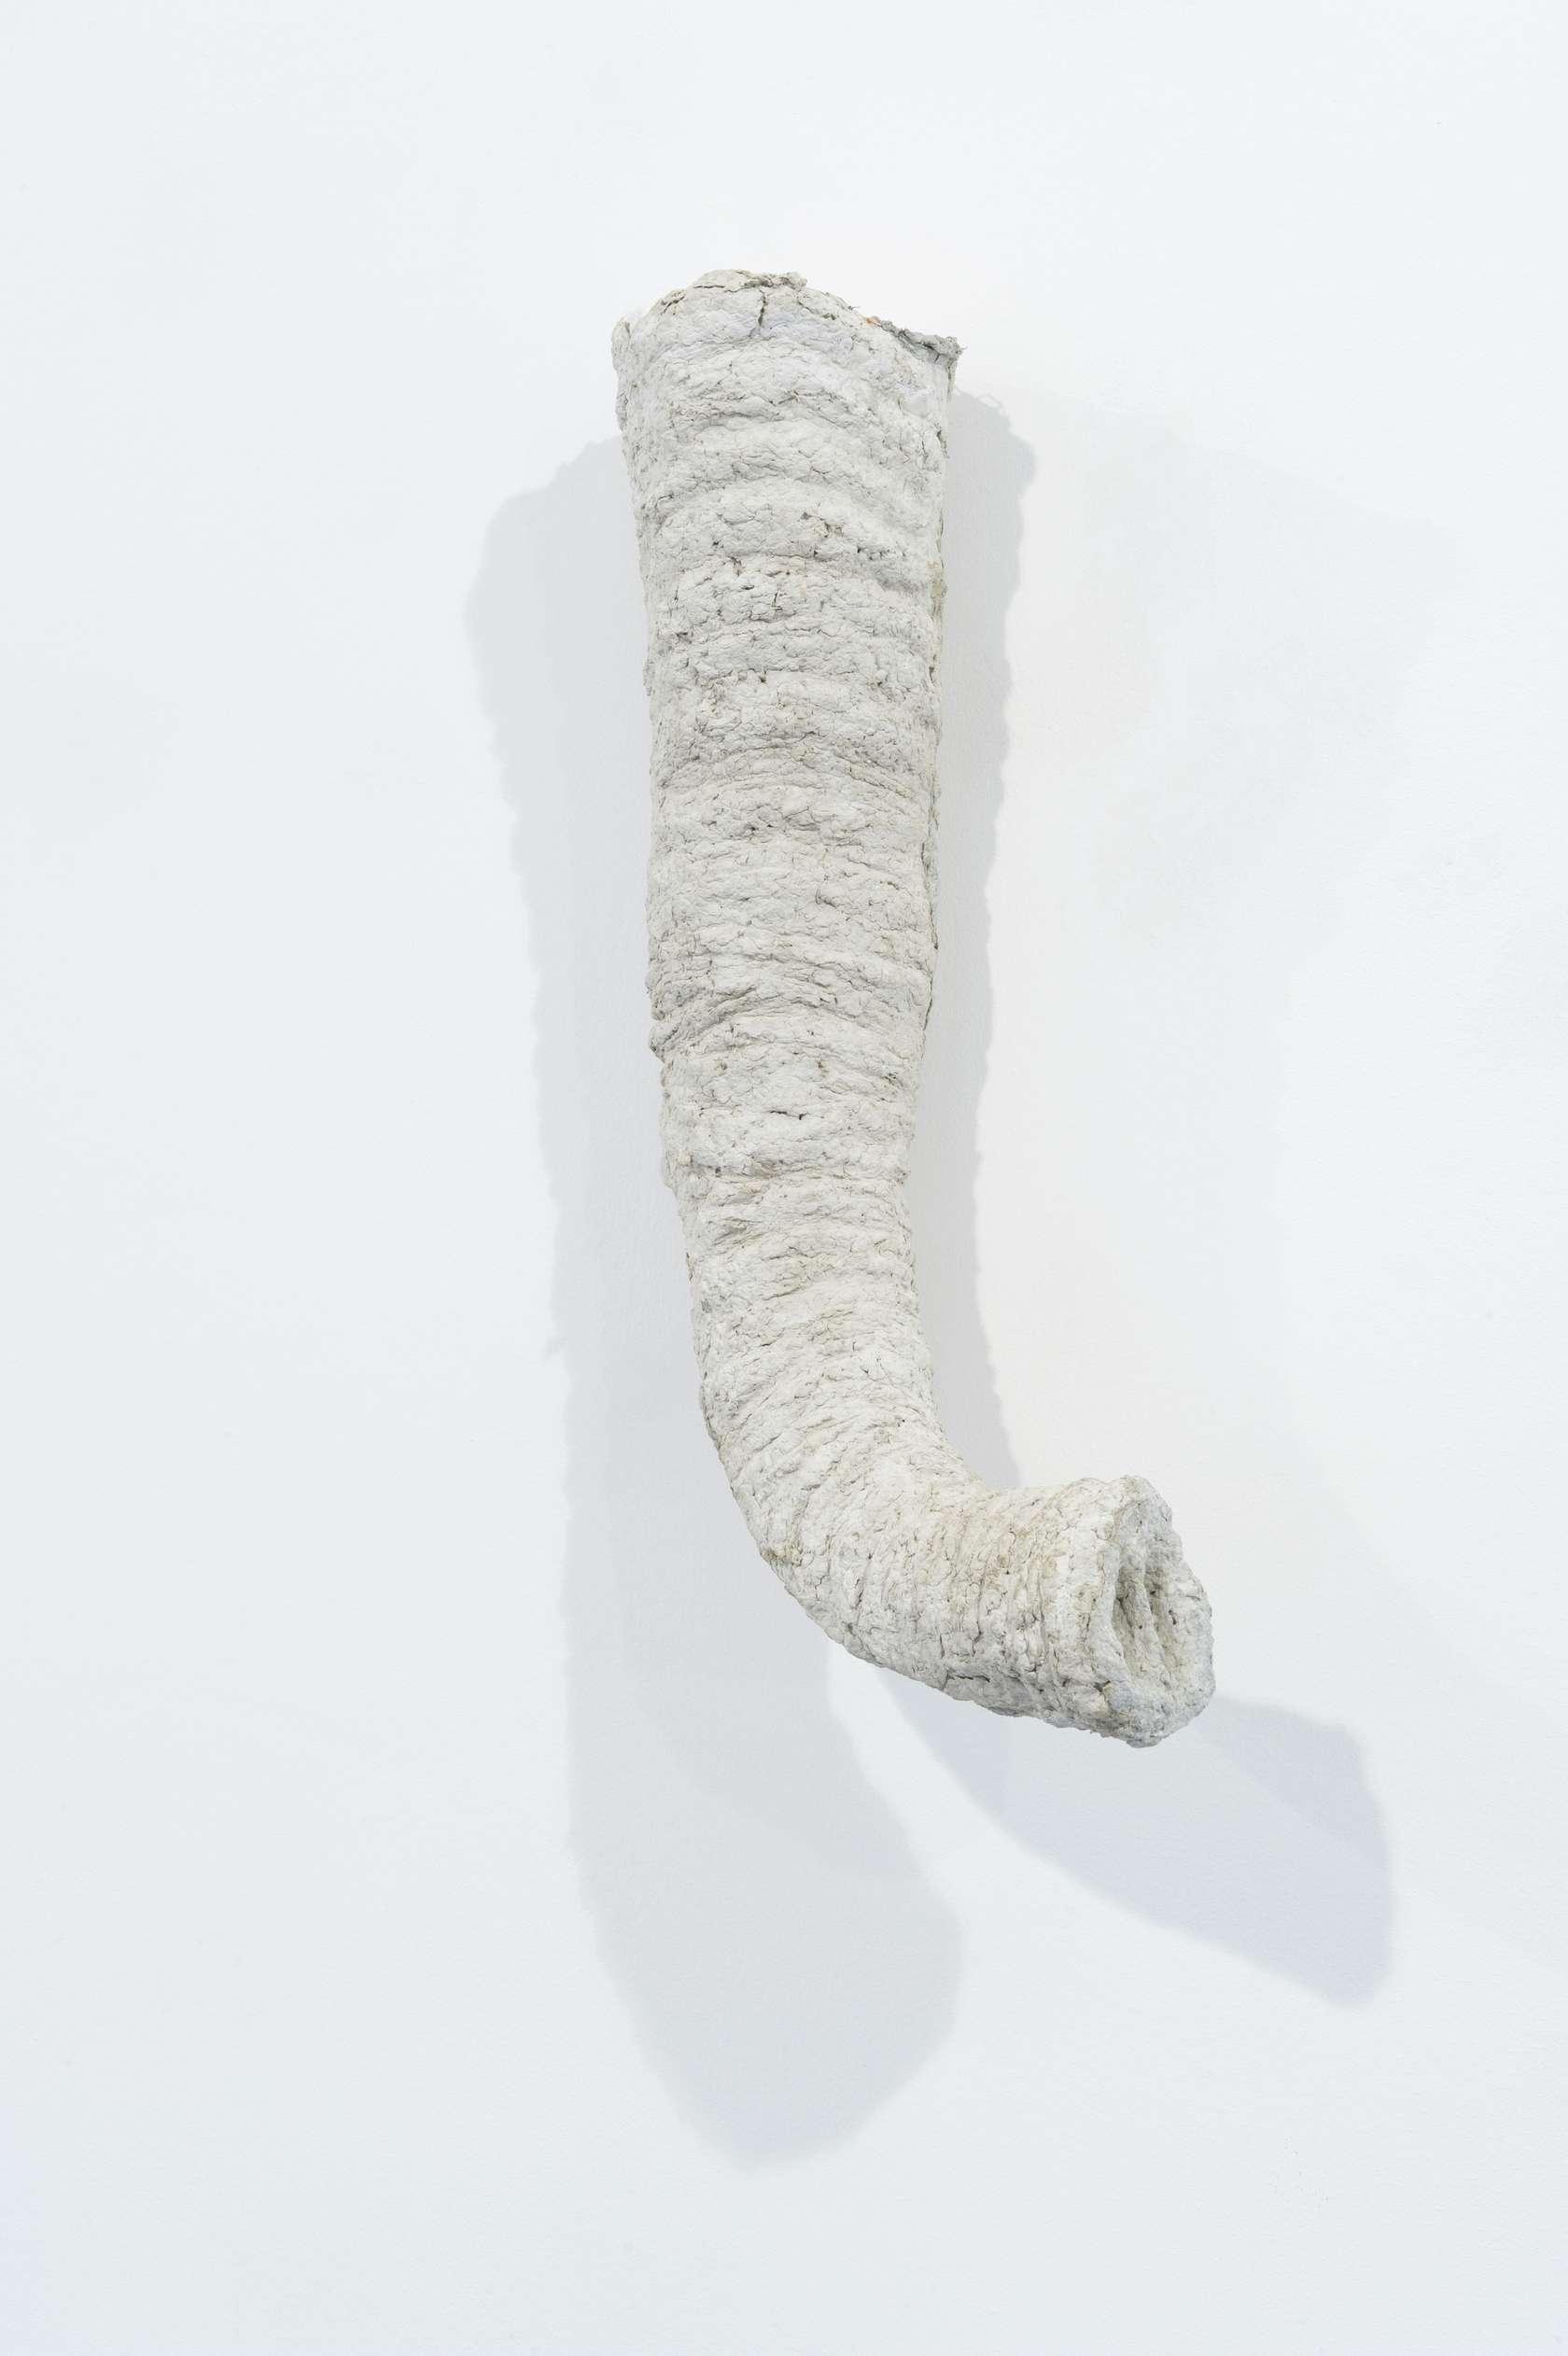 Laurent Le Deunff, Trompe II, 2012 Papier mâché, ciment56 × 25 × 24 cm / 22  × 9 7/8 × 9 1/2 in.